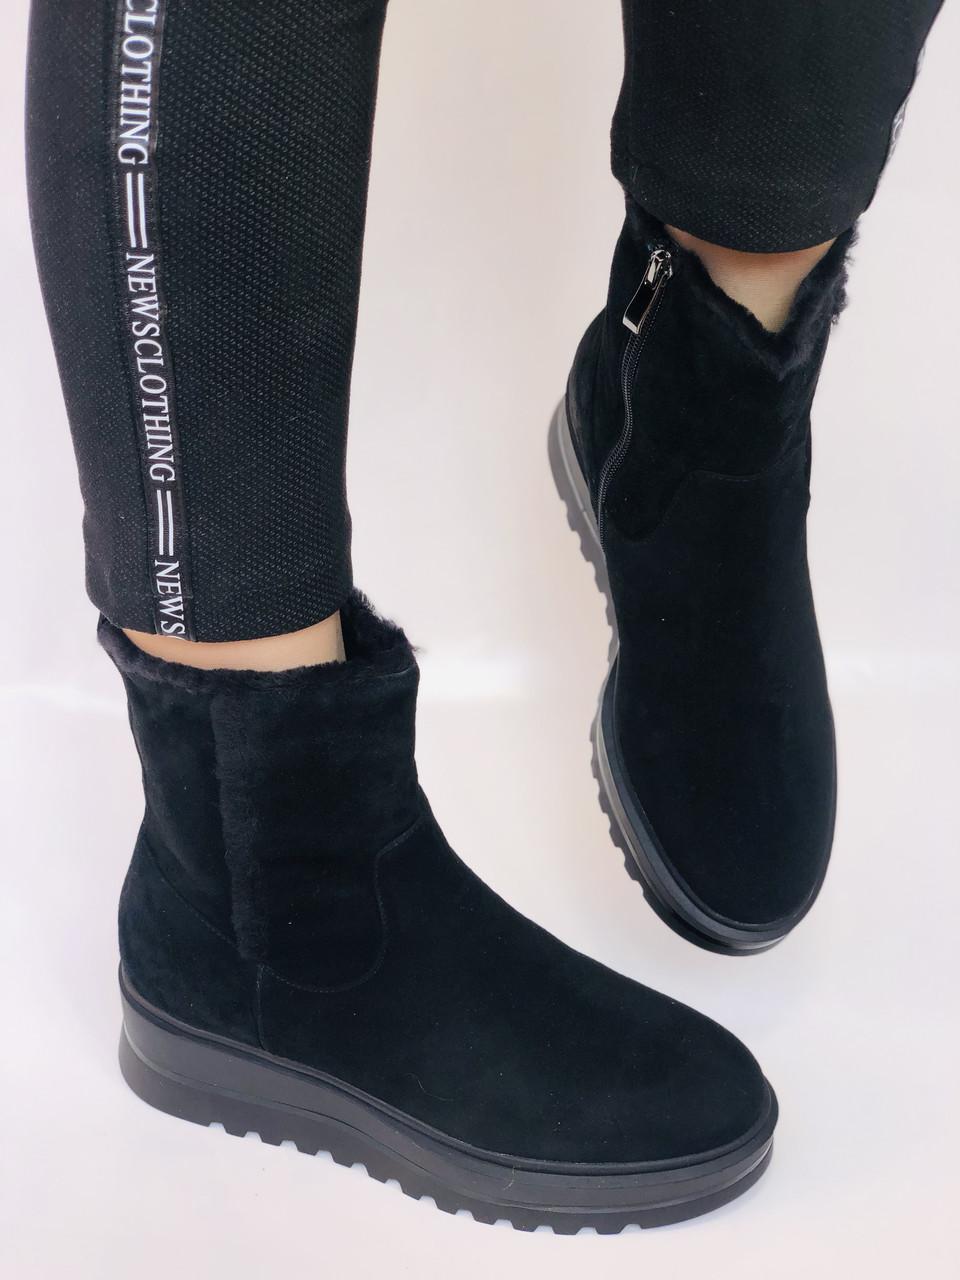 Натуральный мех. Люкс качество. Женские зимние ботинки. Натуральная замша. Berkonty. Р.37-39